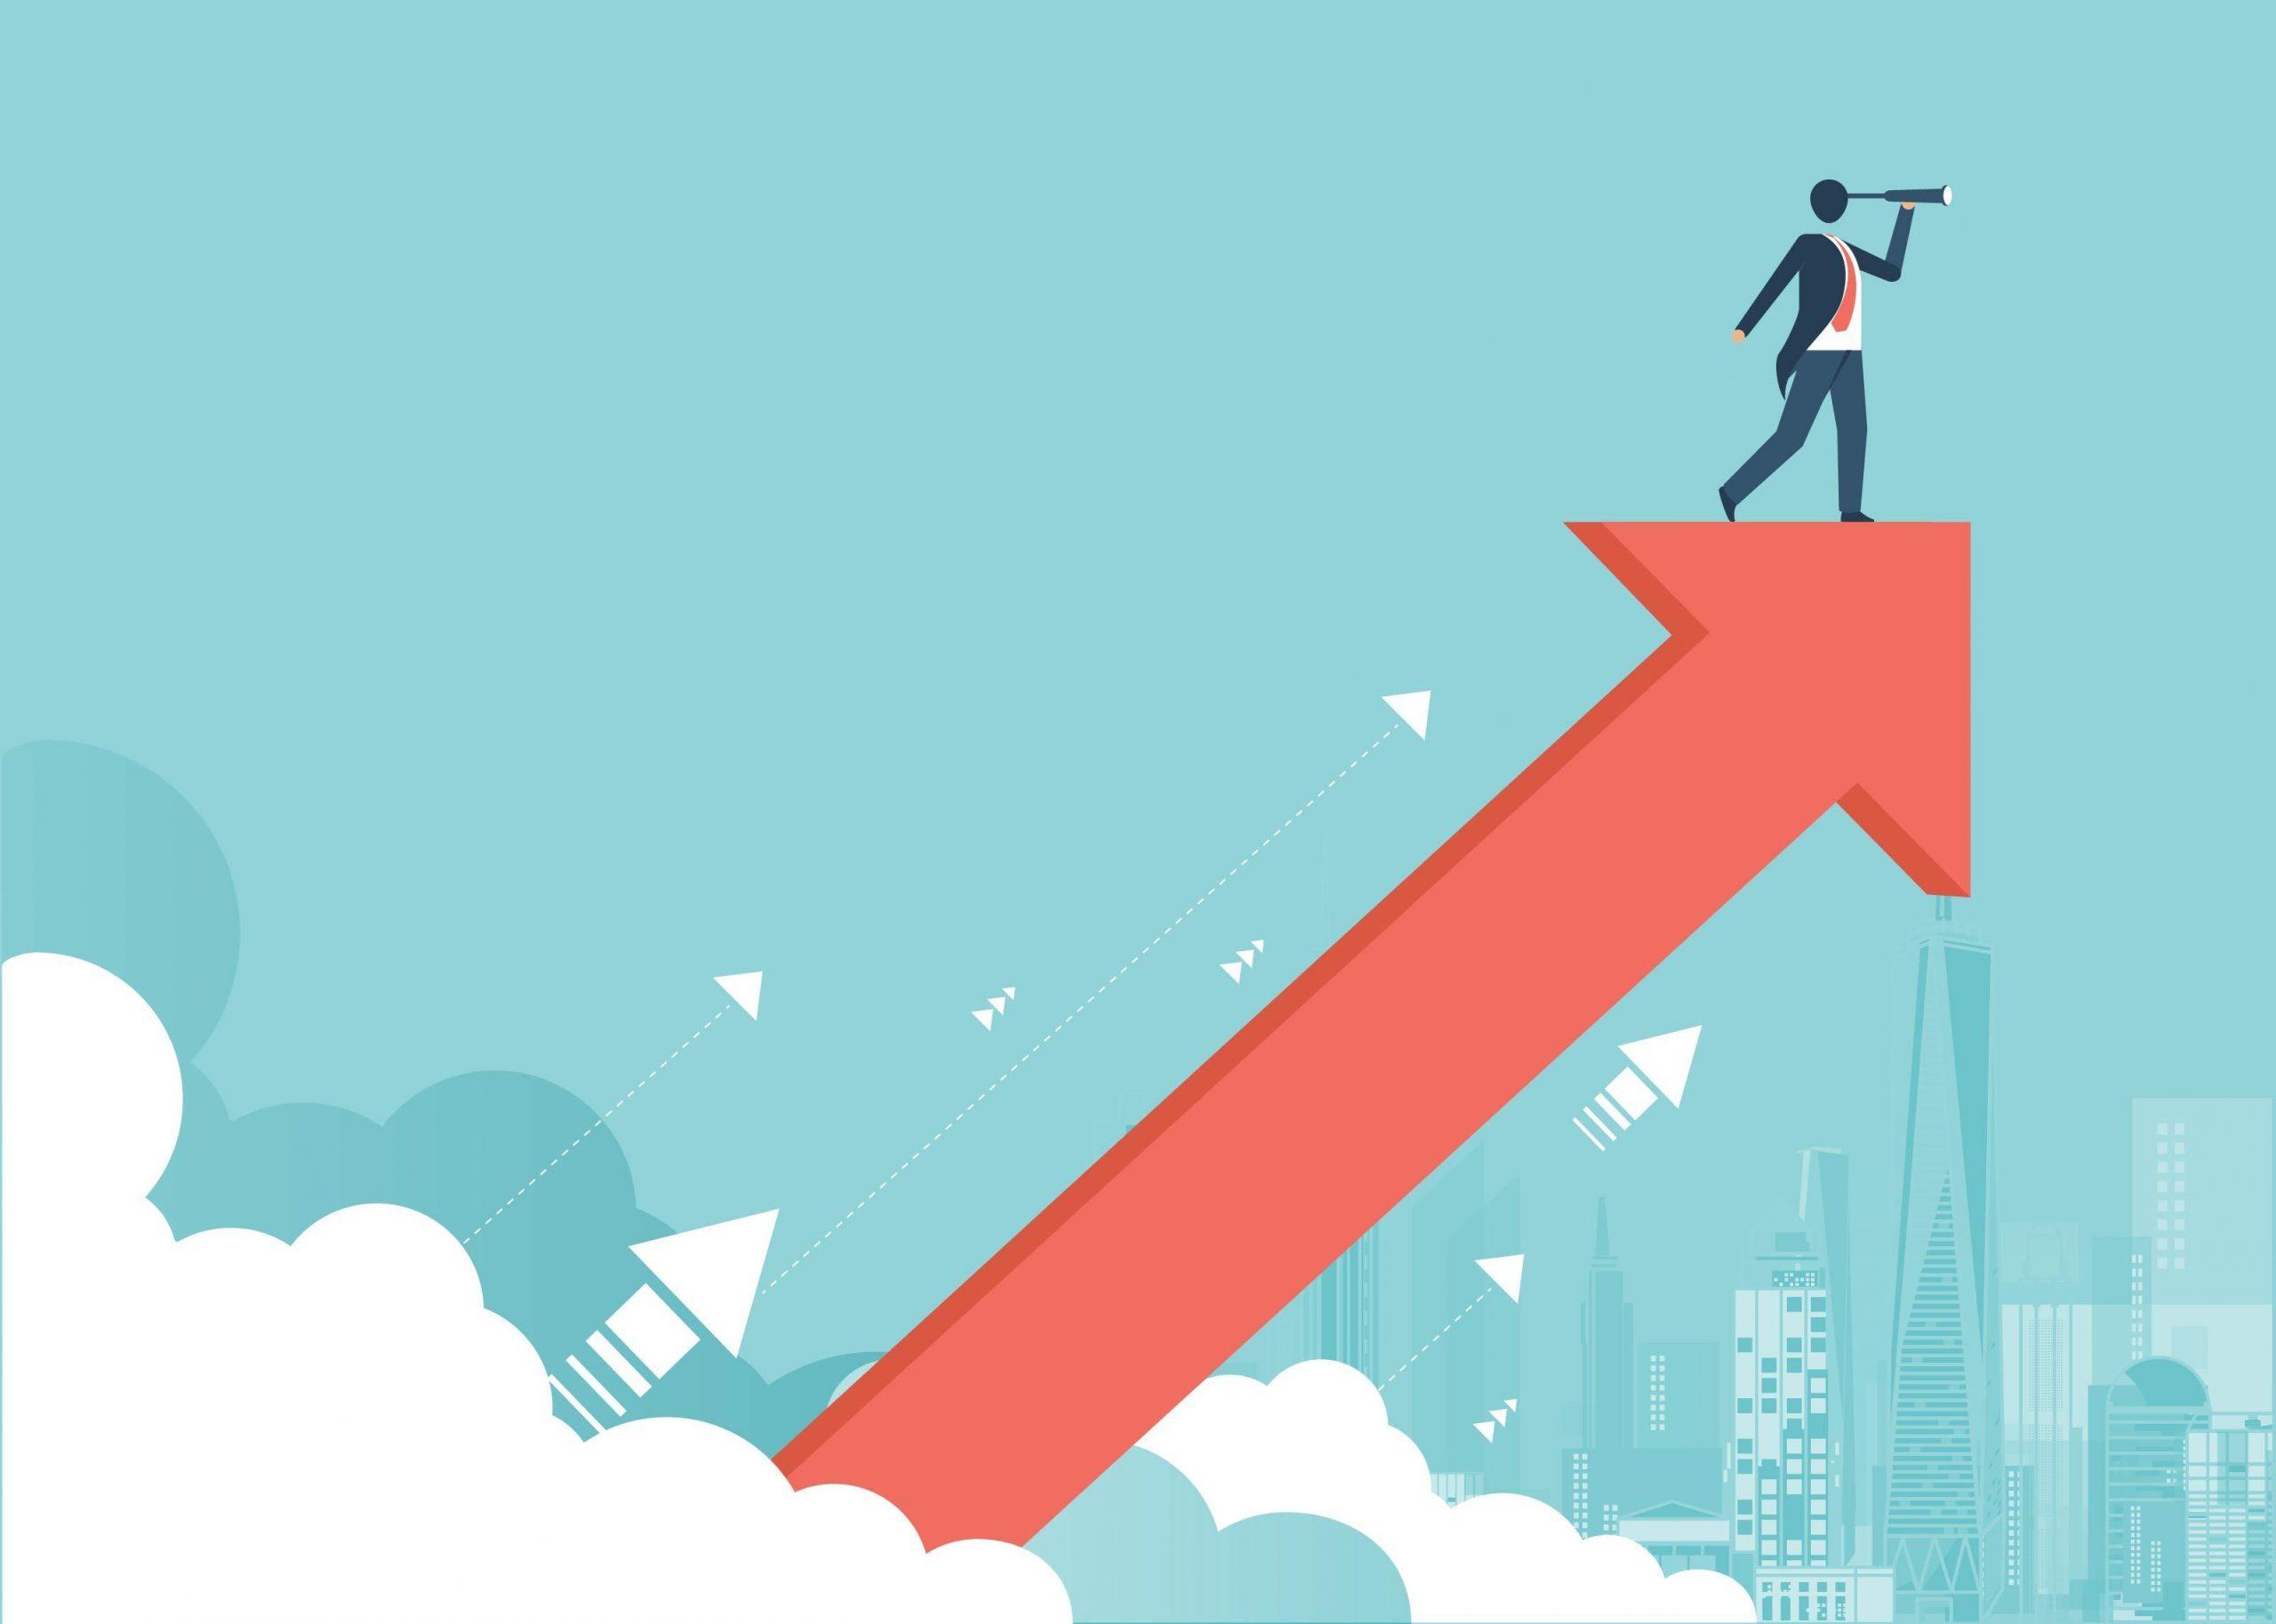 5 Ví dụ về lựa chọn thị trường mục tiêu cho doanh nghiệp marketingreview.vn 4